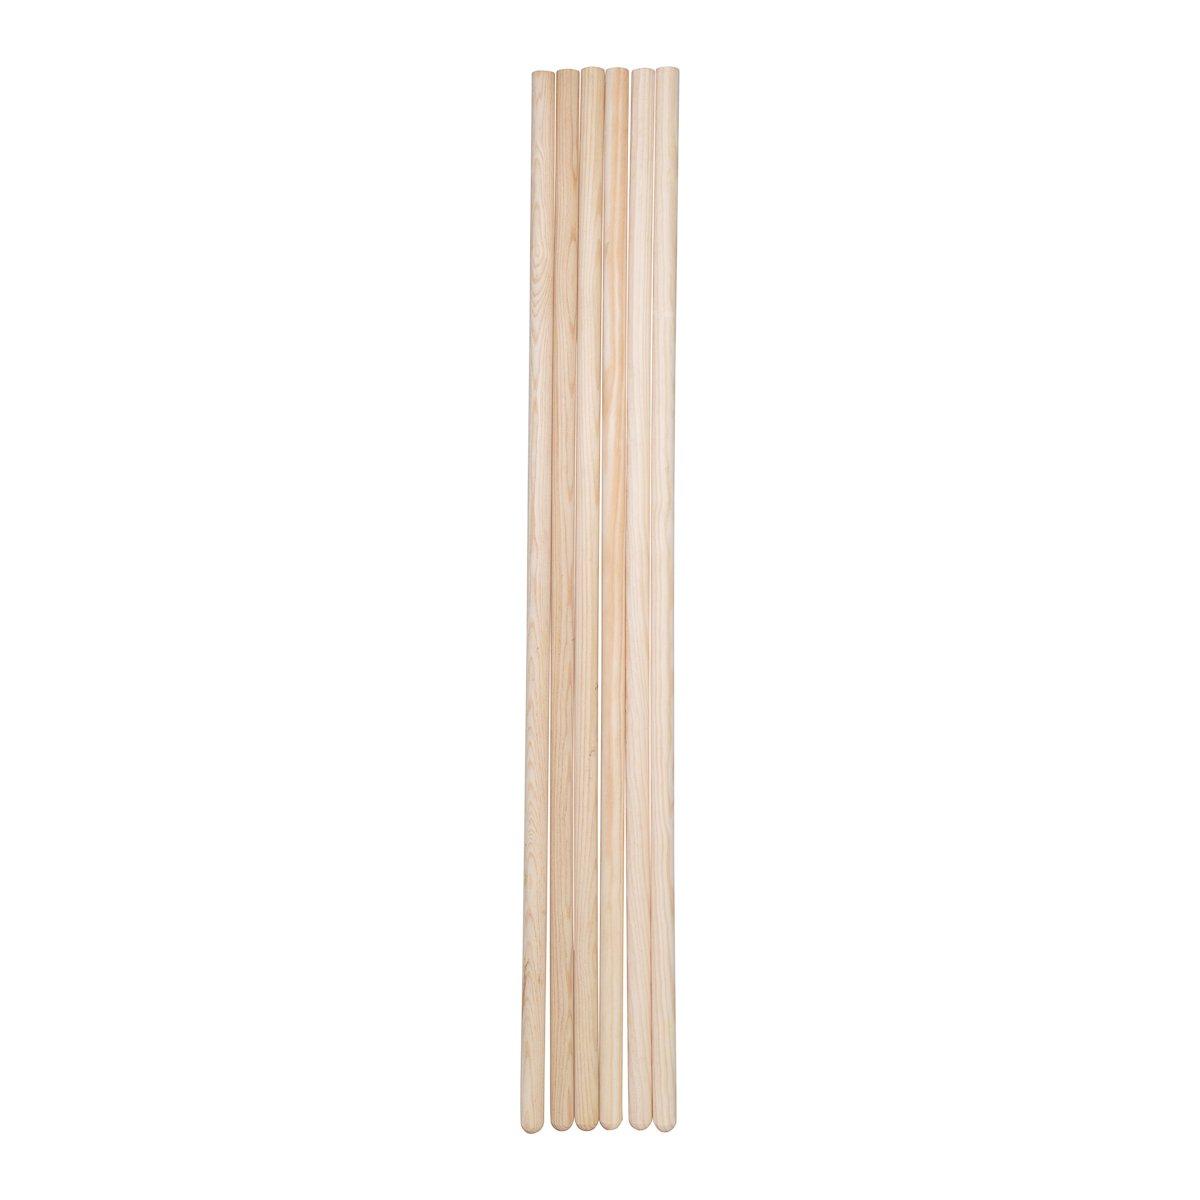 5 Palos de Madera de Pino. 100 cm largo y 2, 2 cm diámetro. (Natural) Desconocido